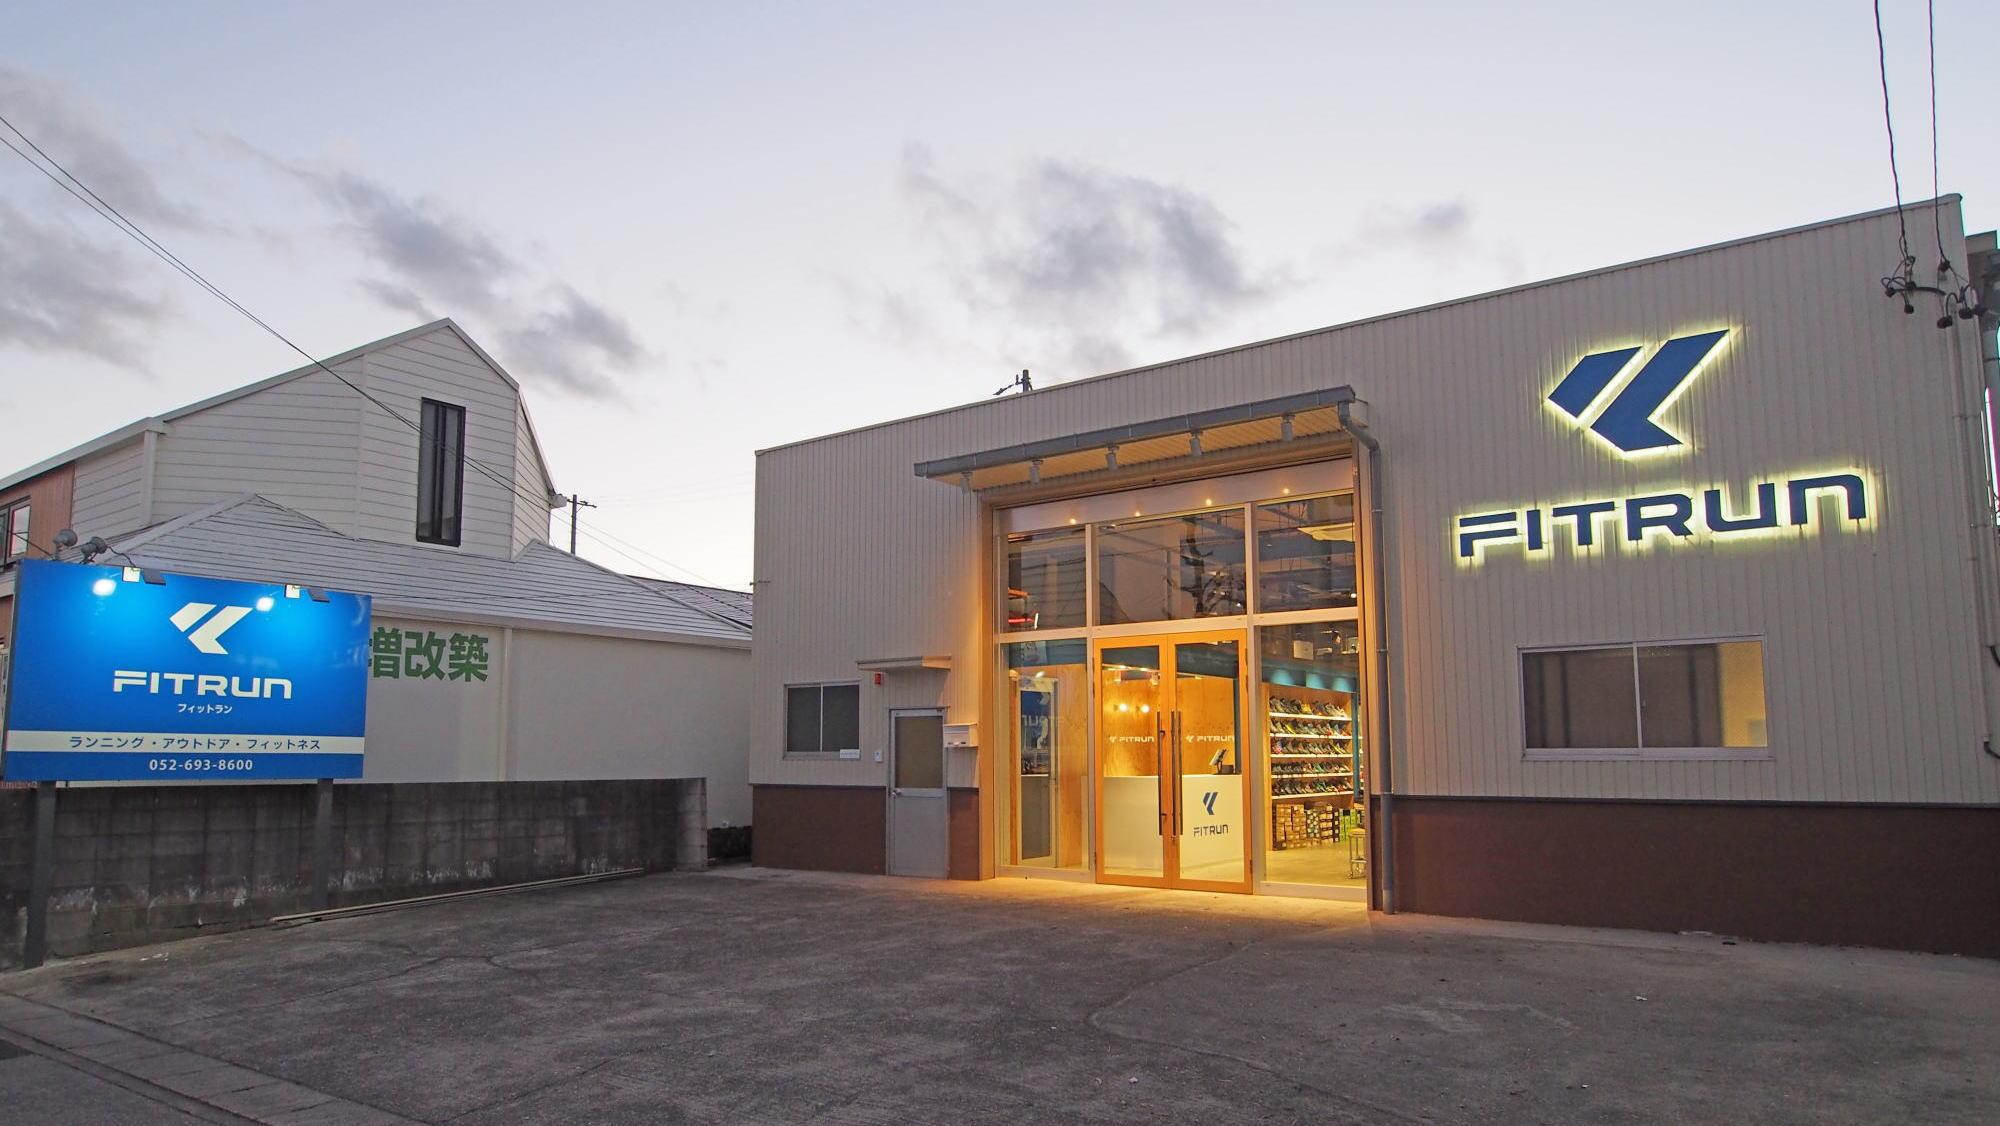 名古屋市緑区のランニング・トレイルランニングショップ「フィットラン」FITRUN